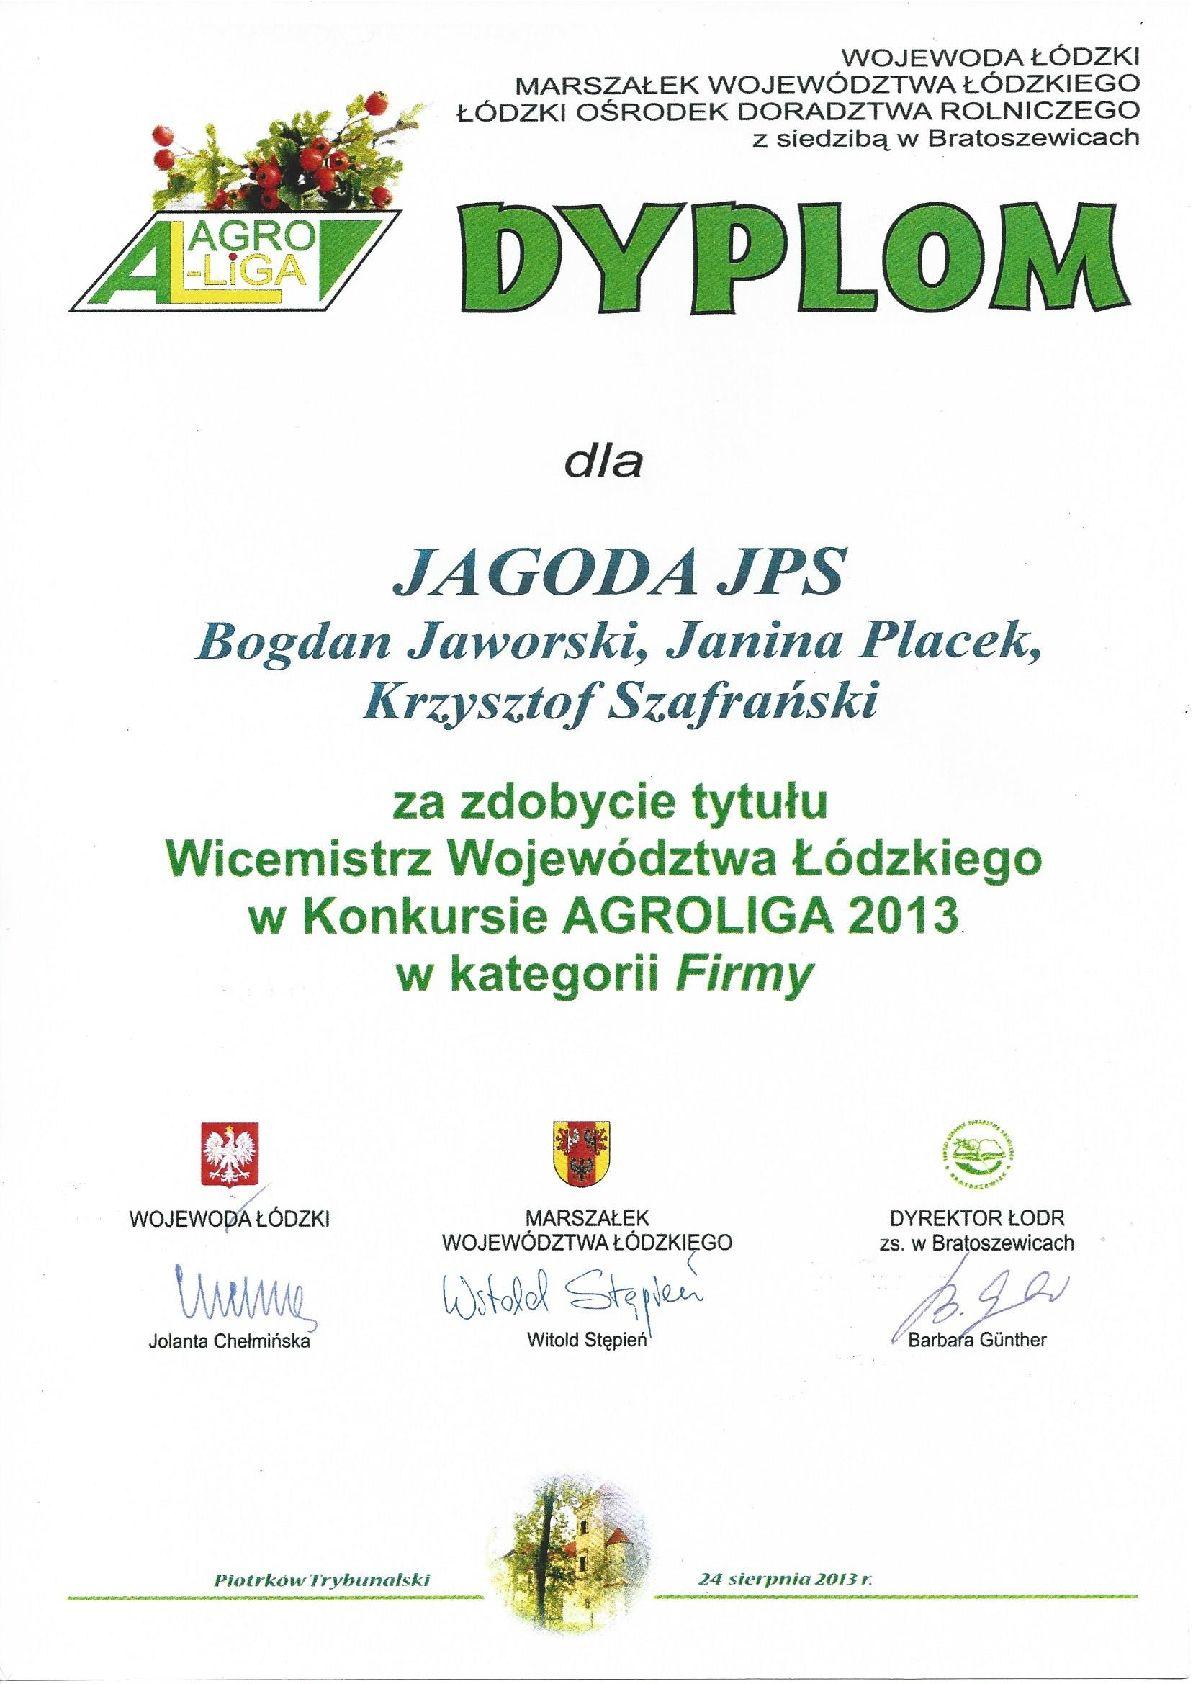 Dyplom Agroliga 2013